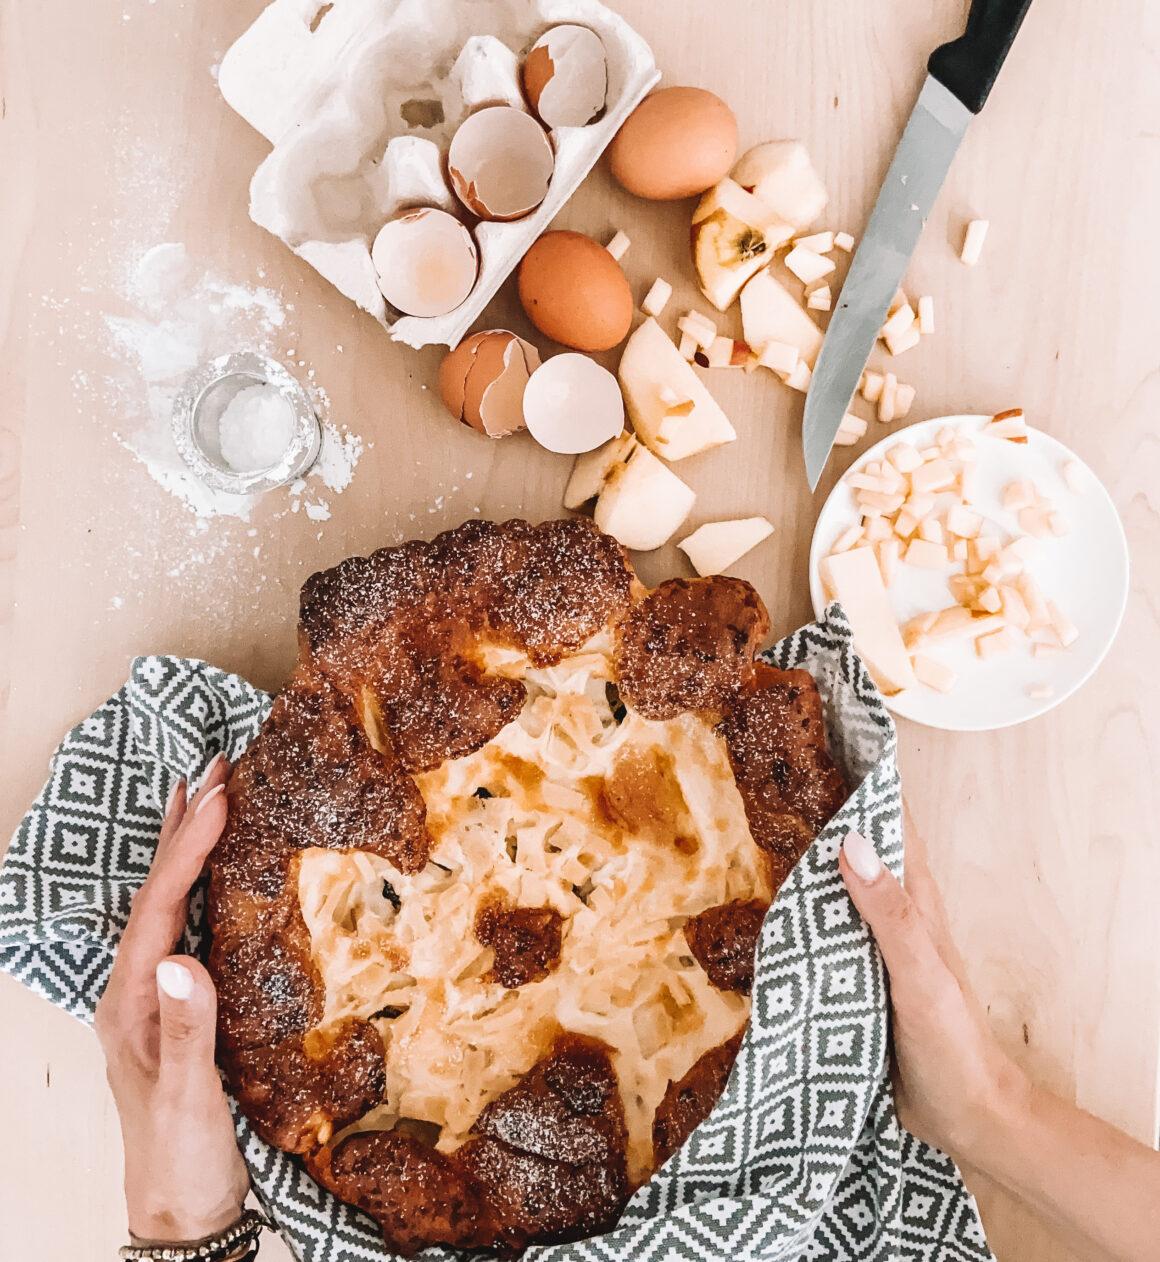 zdjęcia jedzenia Kasia Falęcka